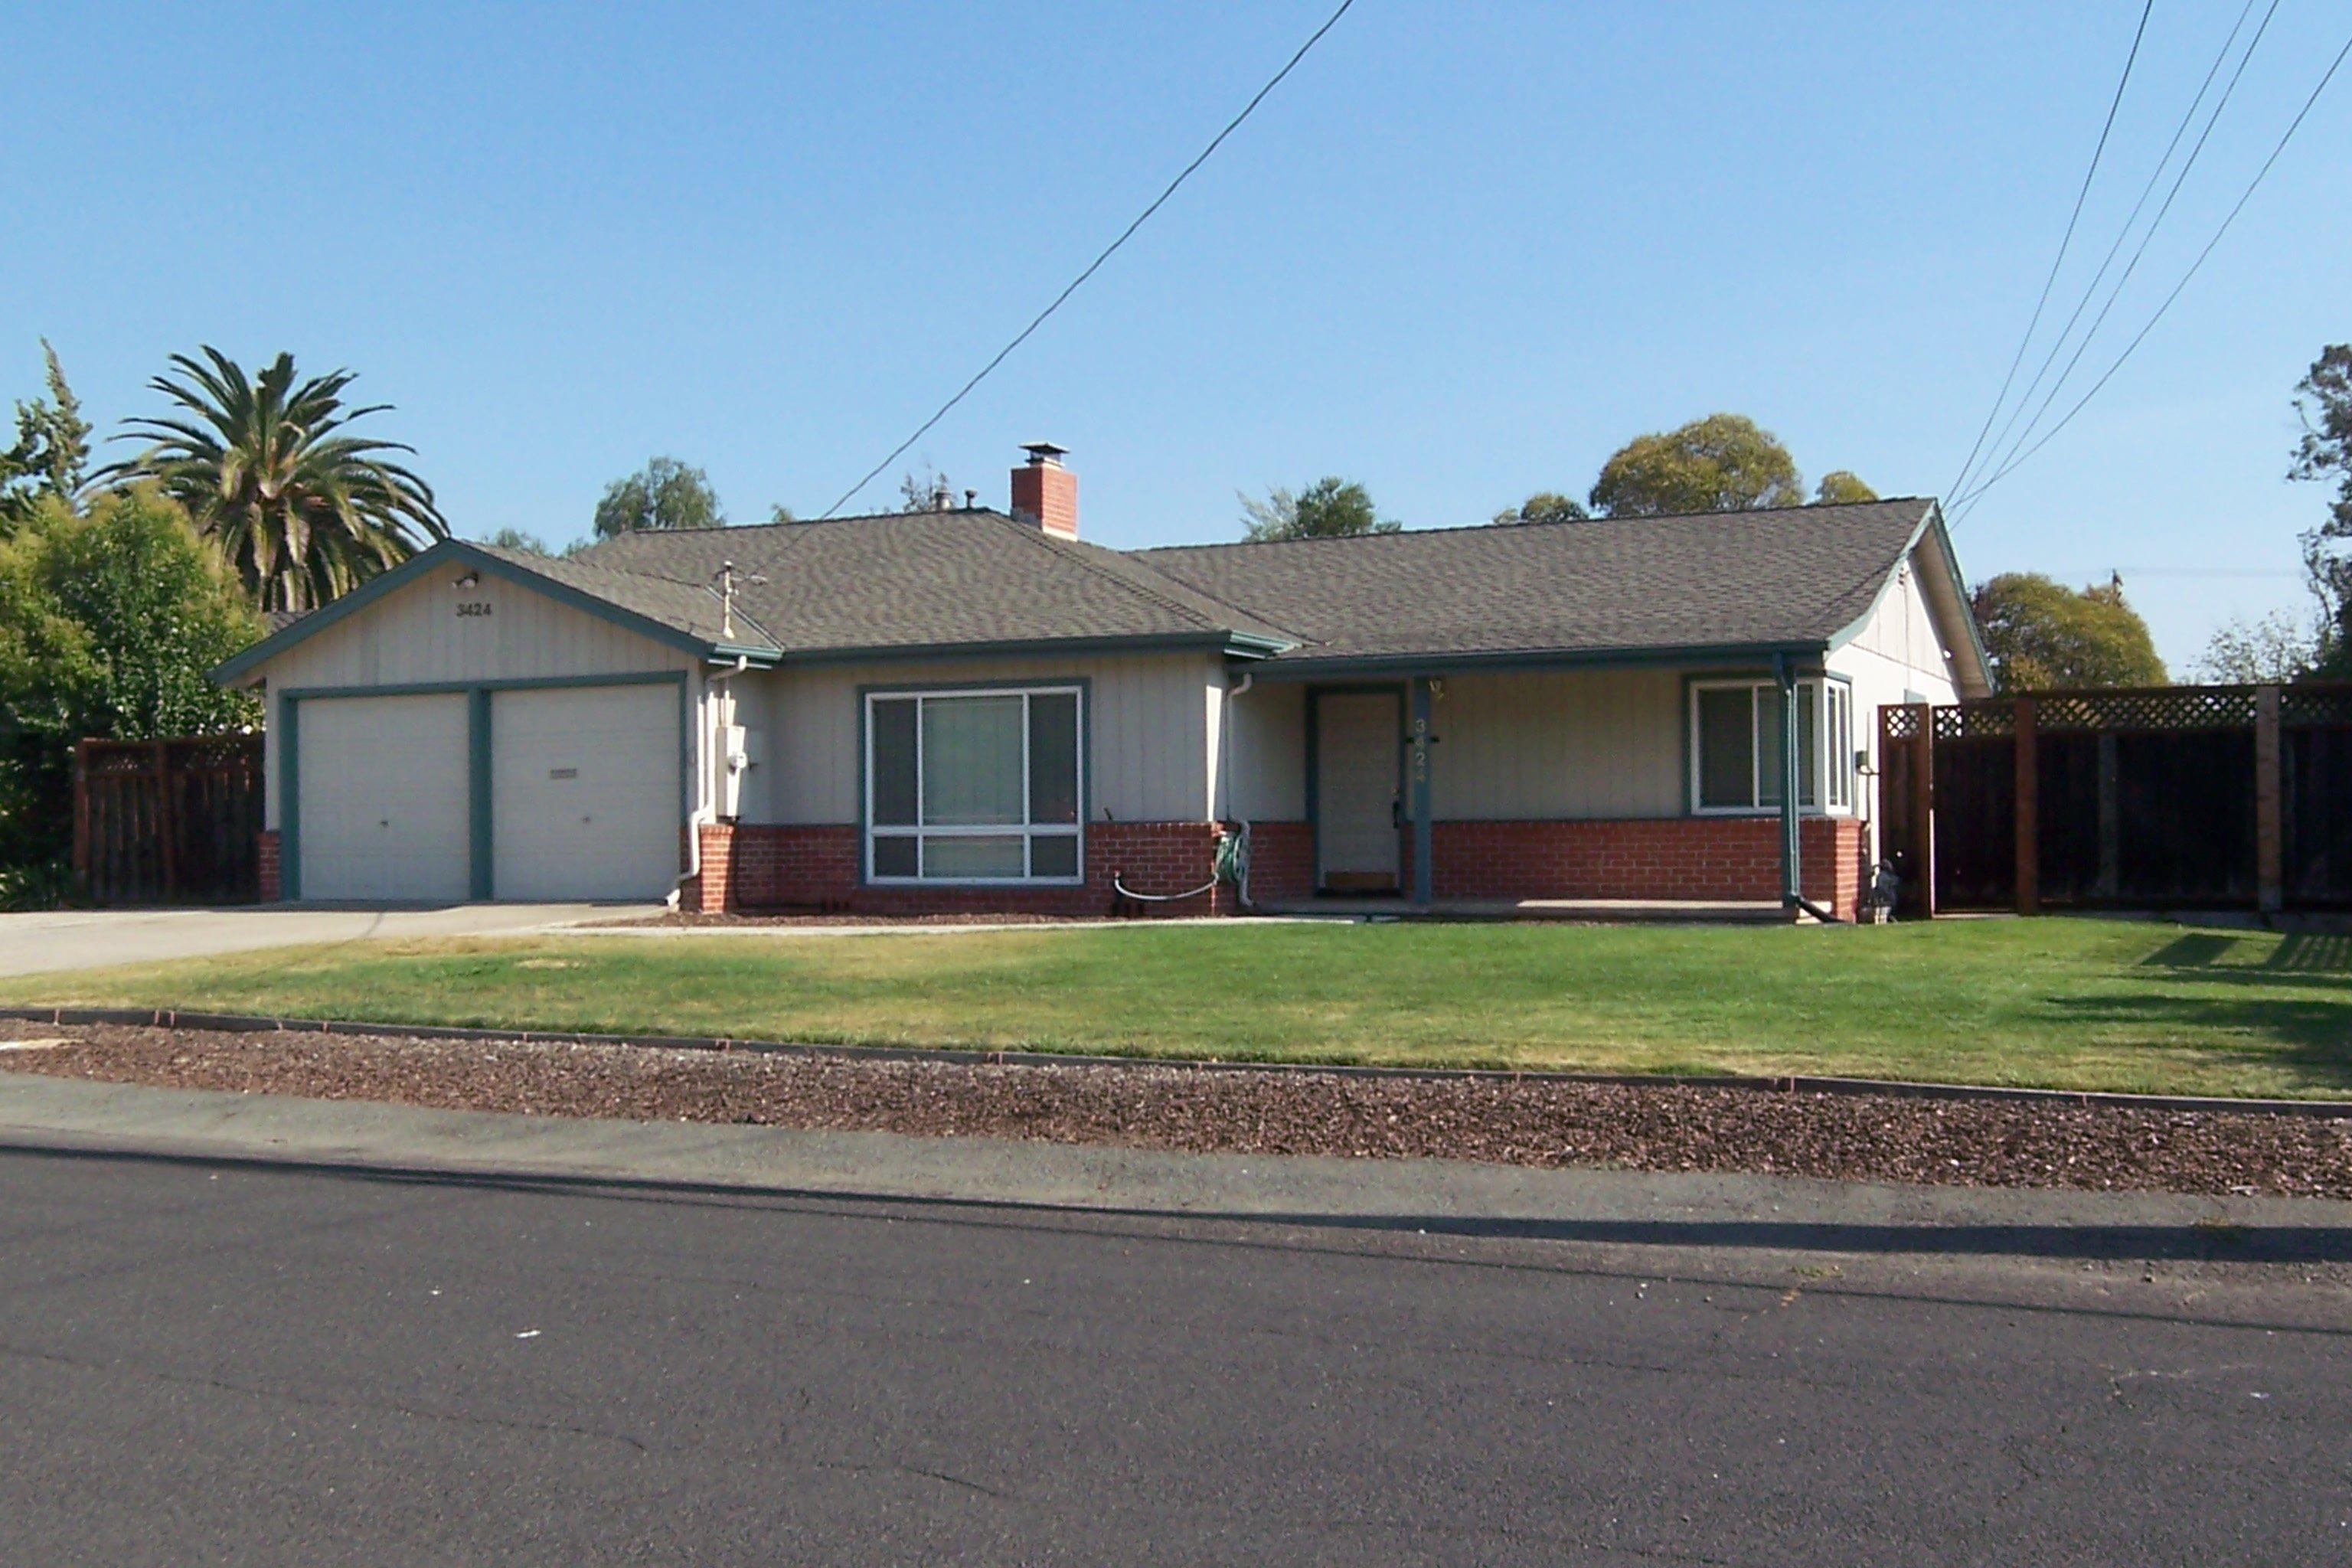 3424 El Monte Dr, Concord CA home for sale